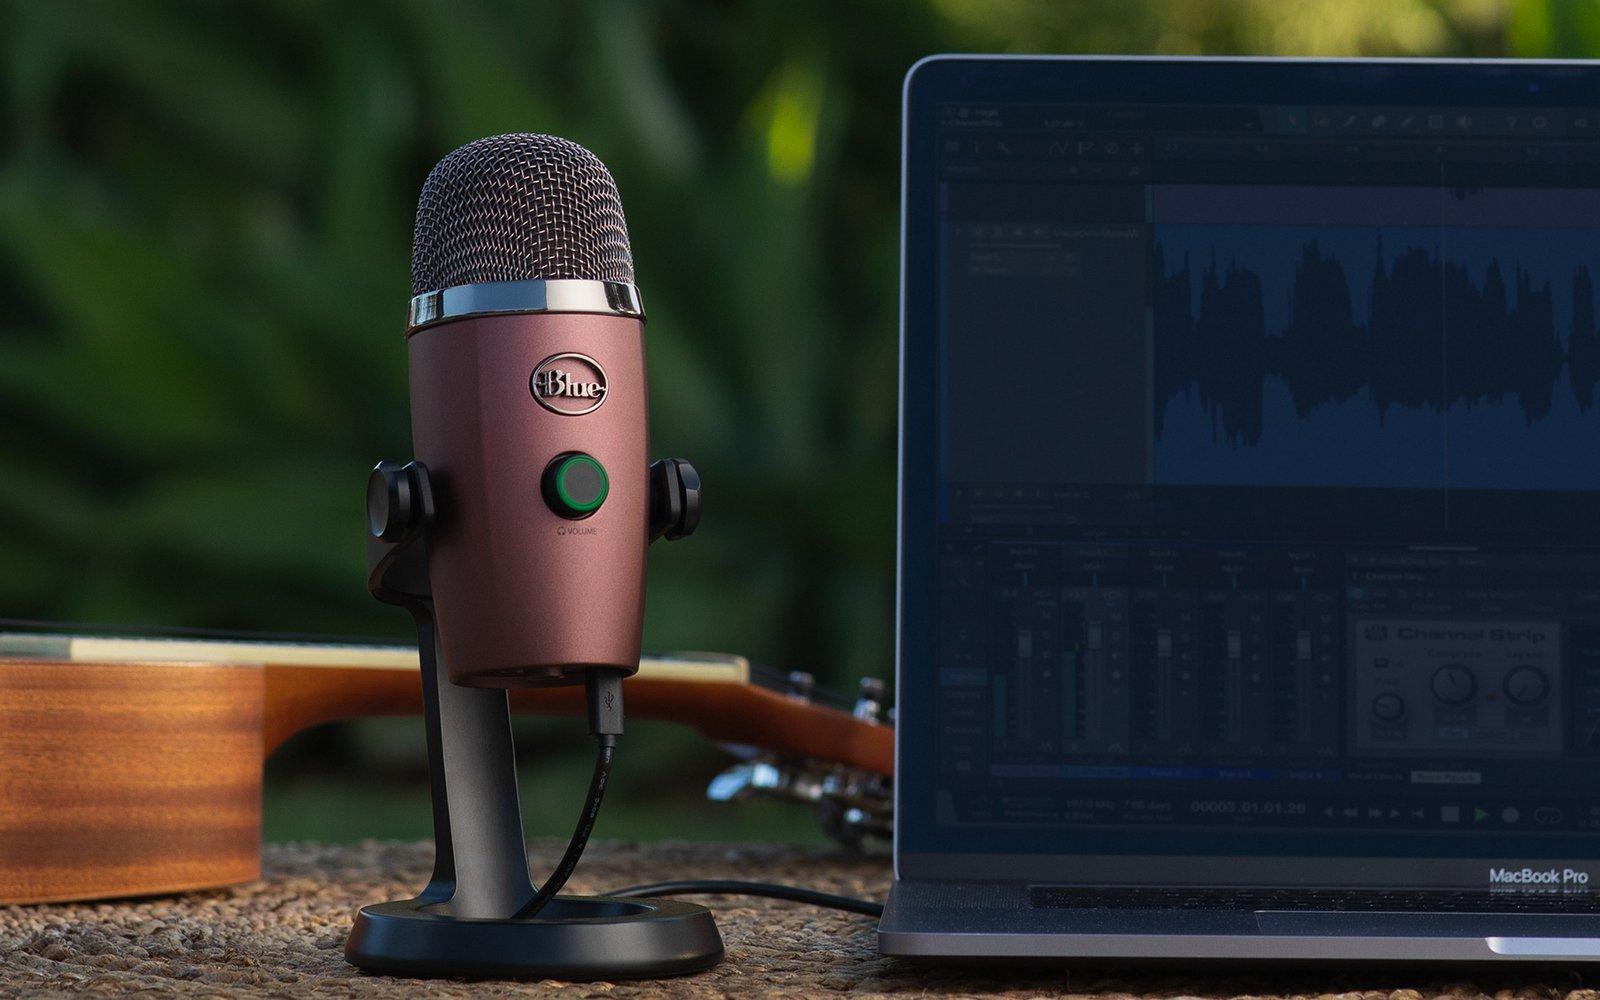 В новых MacBook Air и Pro появился новый механизм защиты от прослушки